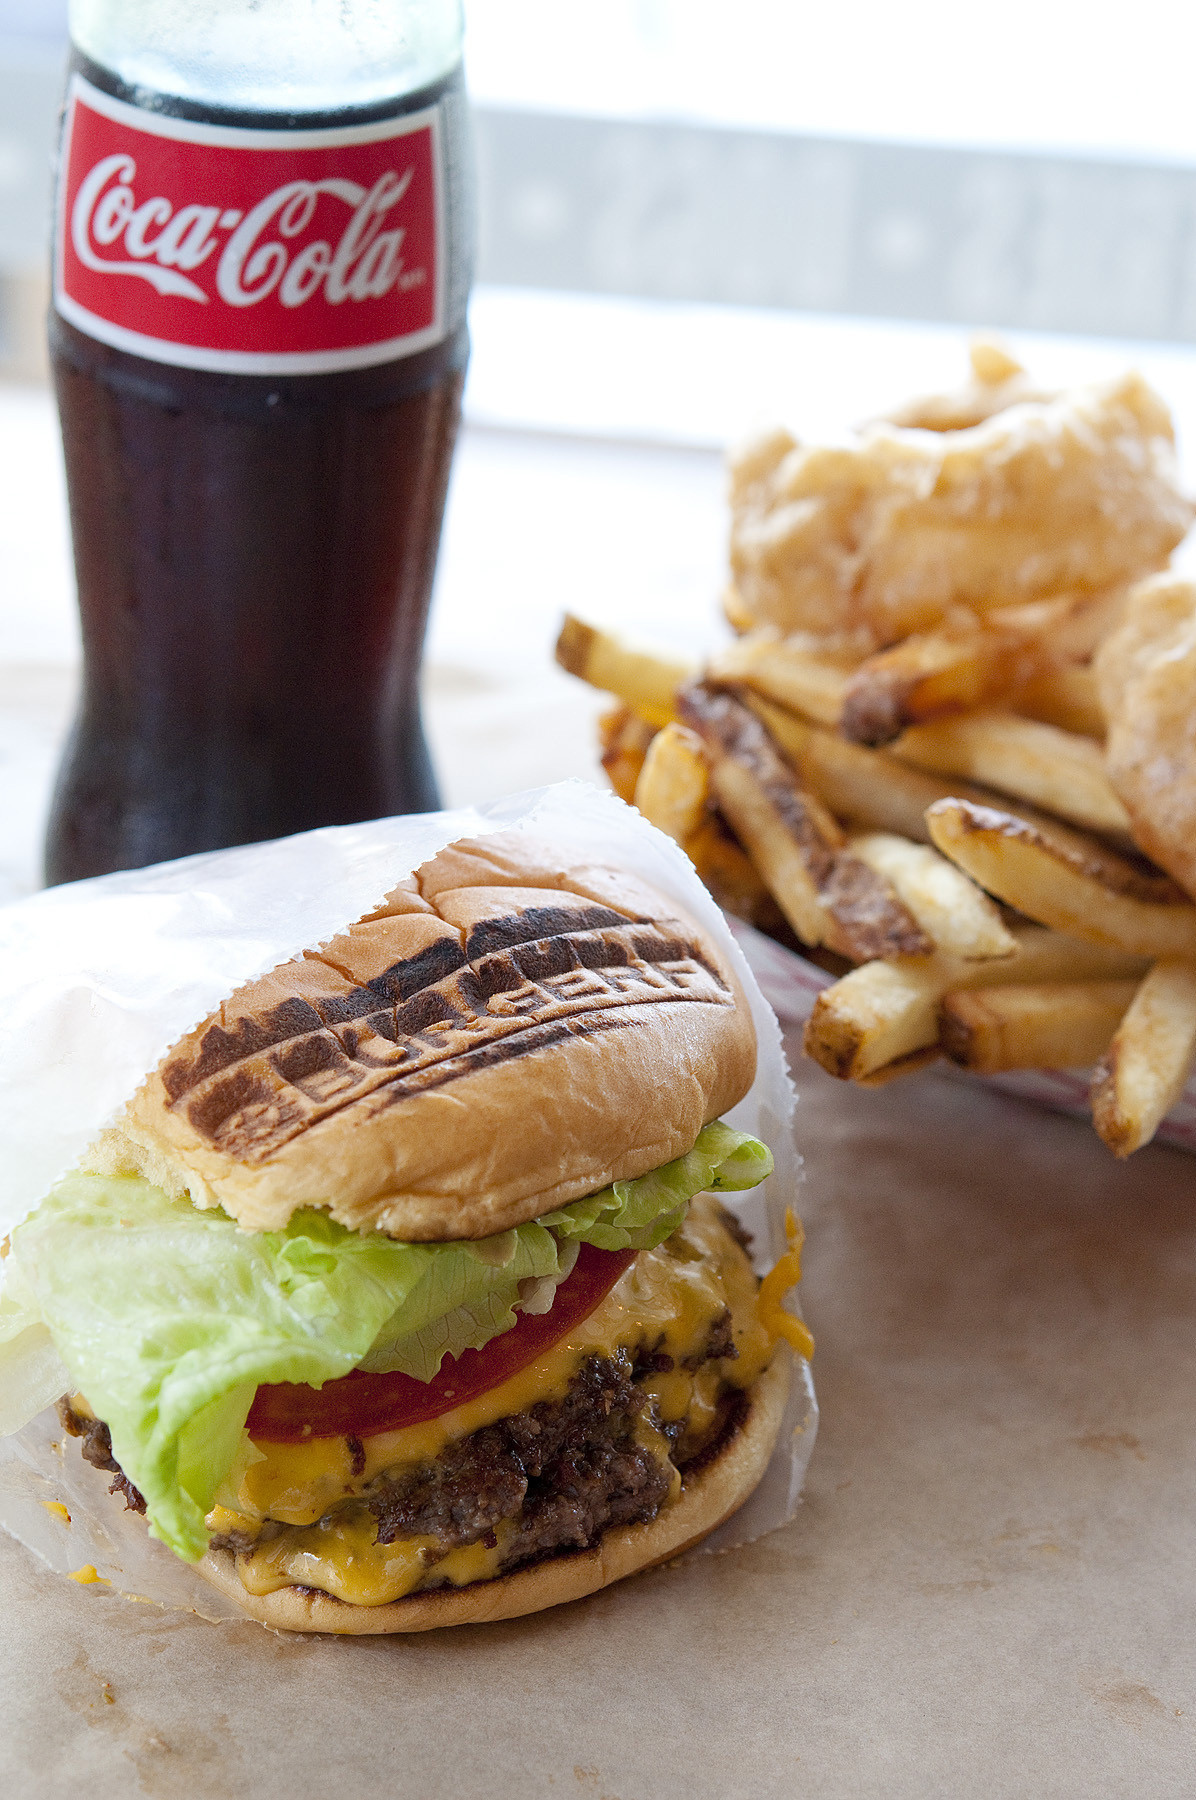 Burgerfi business plan